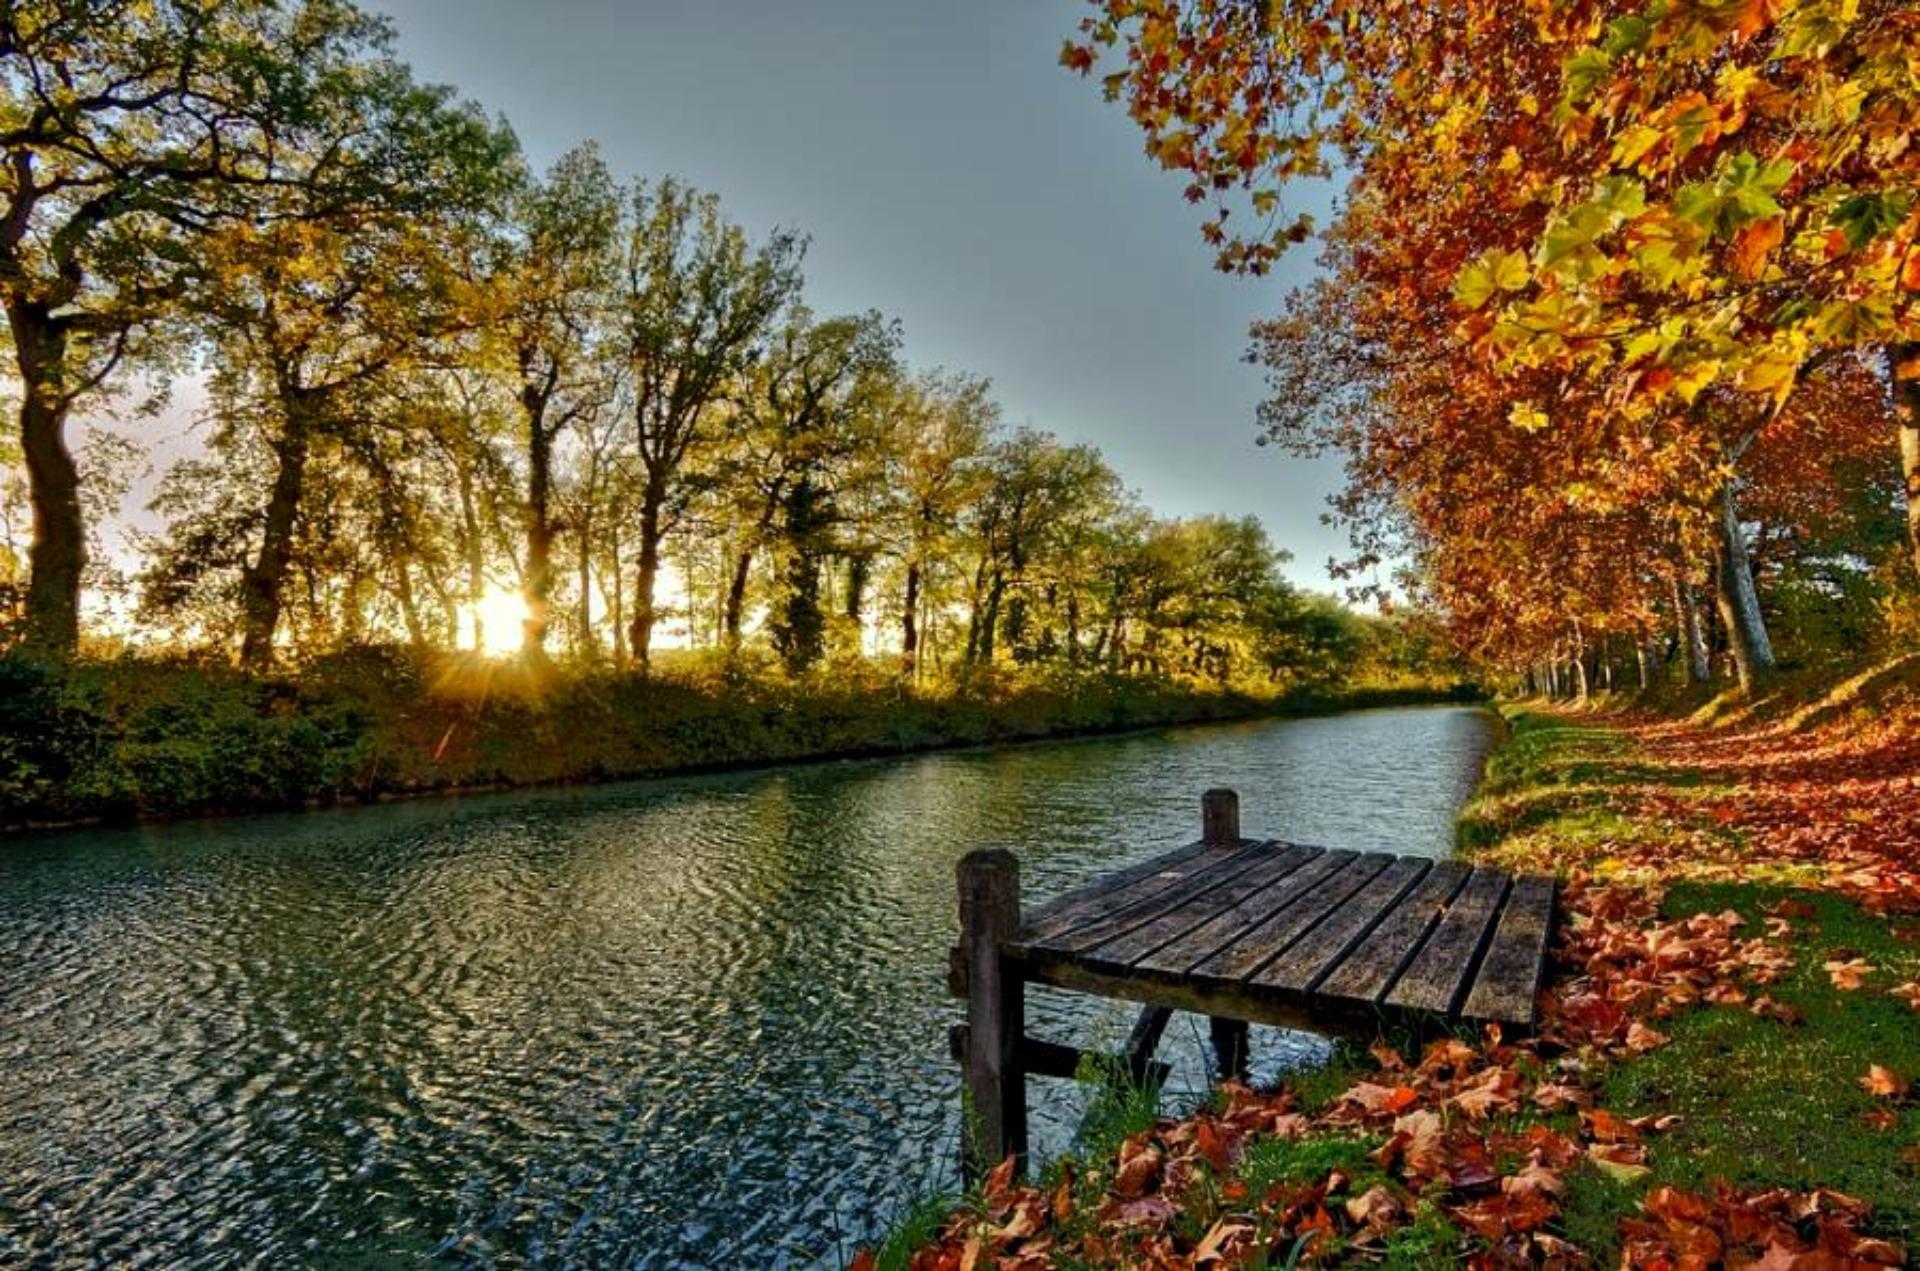 صور صور جمال الطبيعة , اجمل صور طبيعيه خلابه